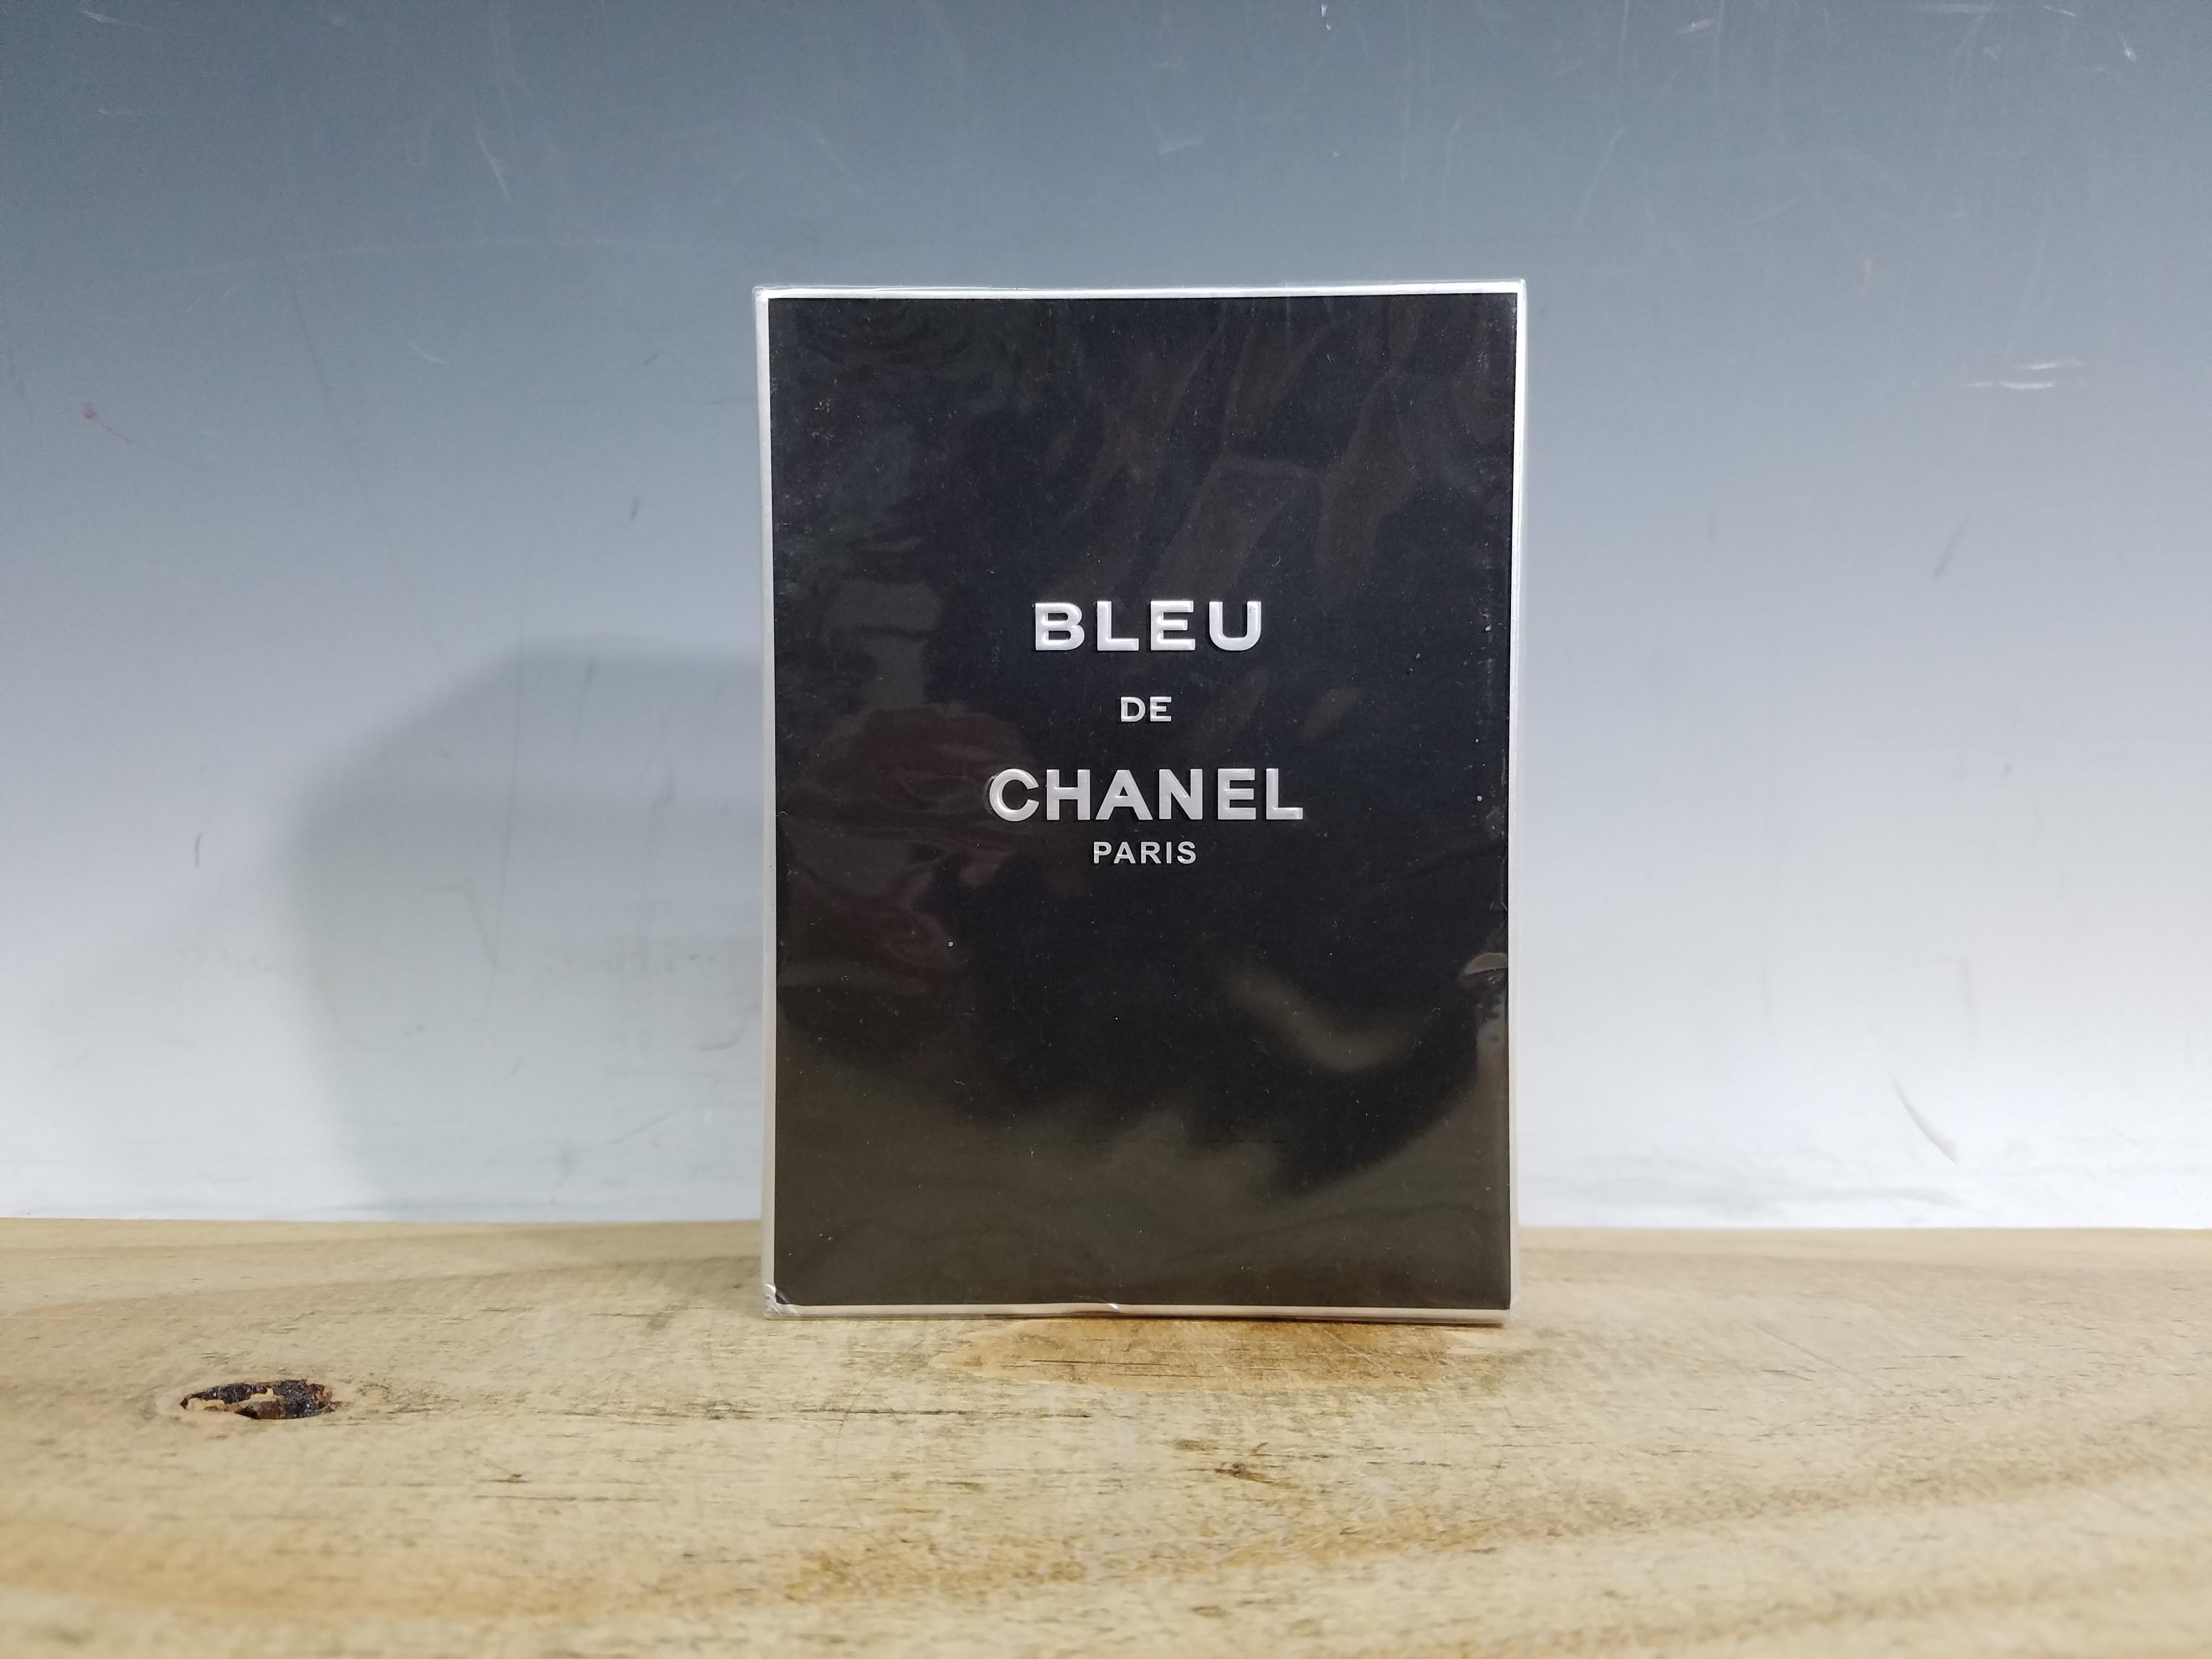 香水 シャネル ブルードゥシャネル オードトワレスプレー